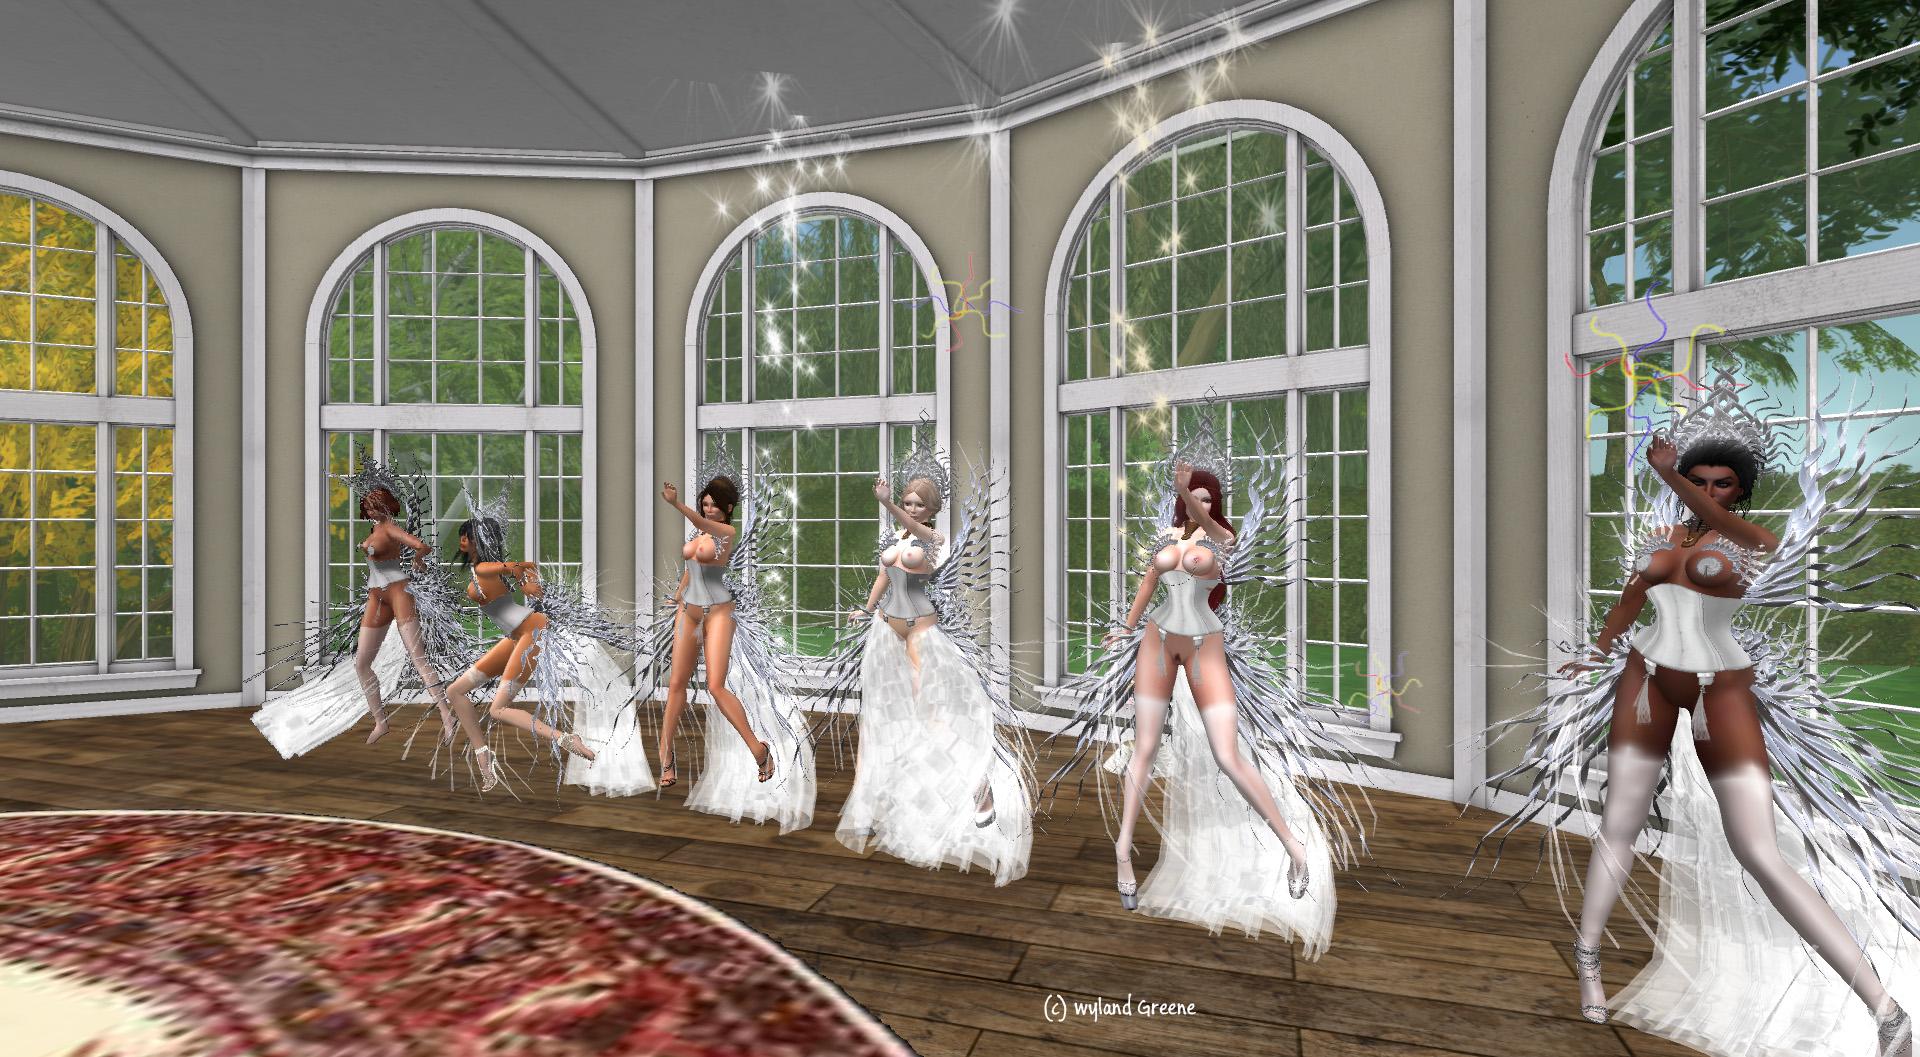 roissy girls_012